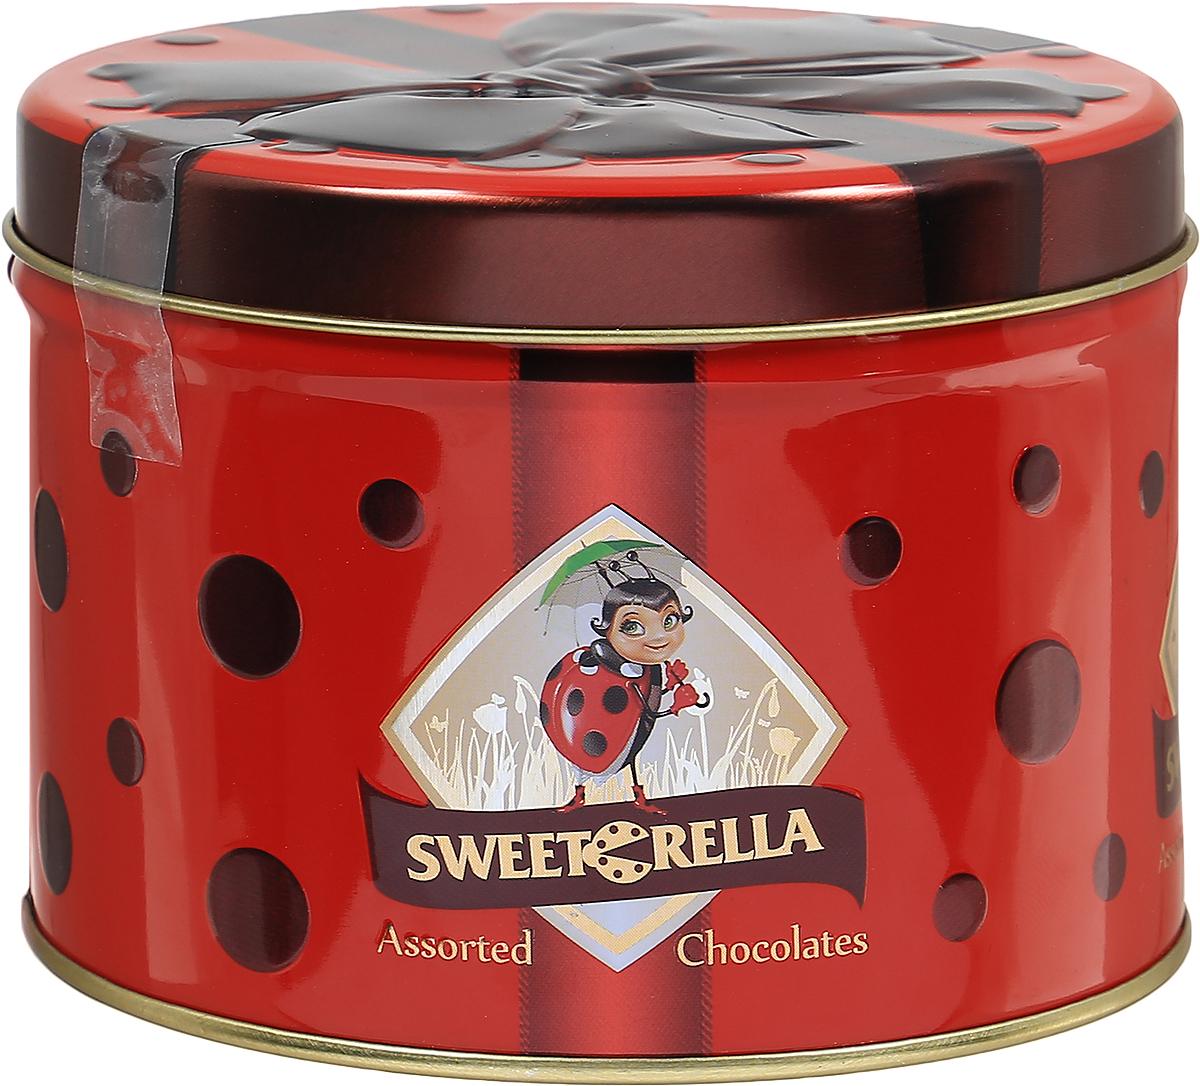 Sweeterella набор шоколадных конфет лепесток желаний, 160 гиба007Весенний набор шоколадных конфет в подарочной жестяной баночке с ярким бордовым бантом. В баночке спрятались конфеты в форме цветов и листиков с нежными перламутровыми оттенками и интересными начинками. Начинки: - виноградная; - апельсиновая; - фисташковая. Уважаемые клиенты! Обращаем ваше внимание, что полный перечень состава продукта представлен на дополнительном изображении.